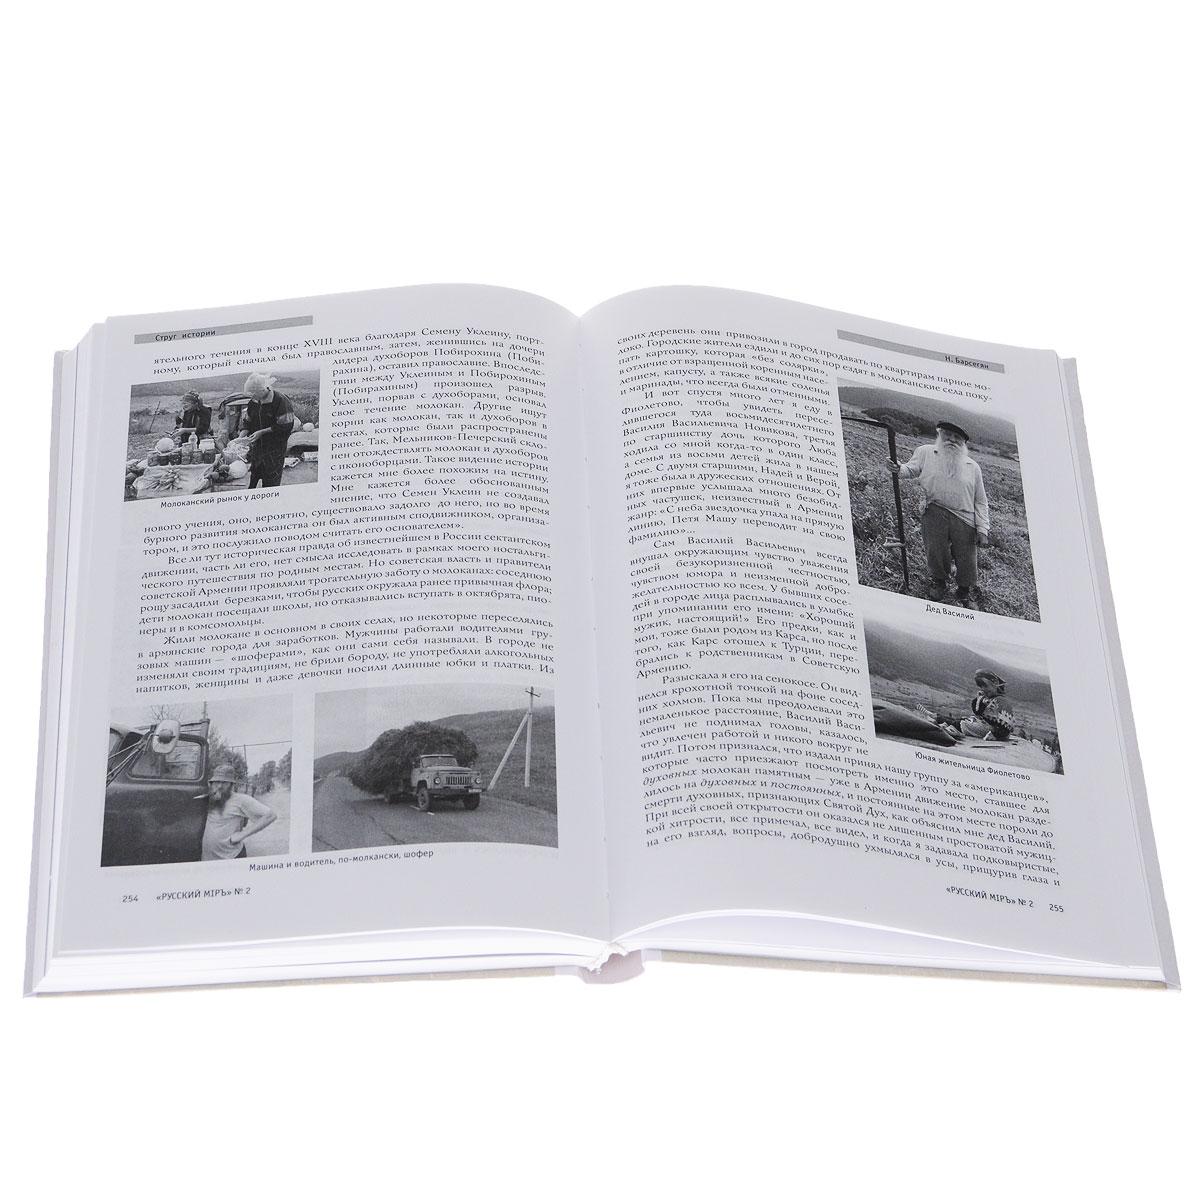 Русский миръ. Пространство и время русской культуры. Альманах, №2, 2009